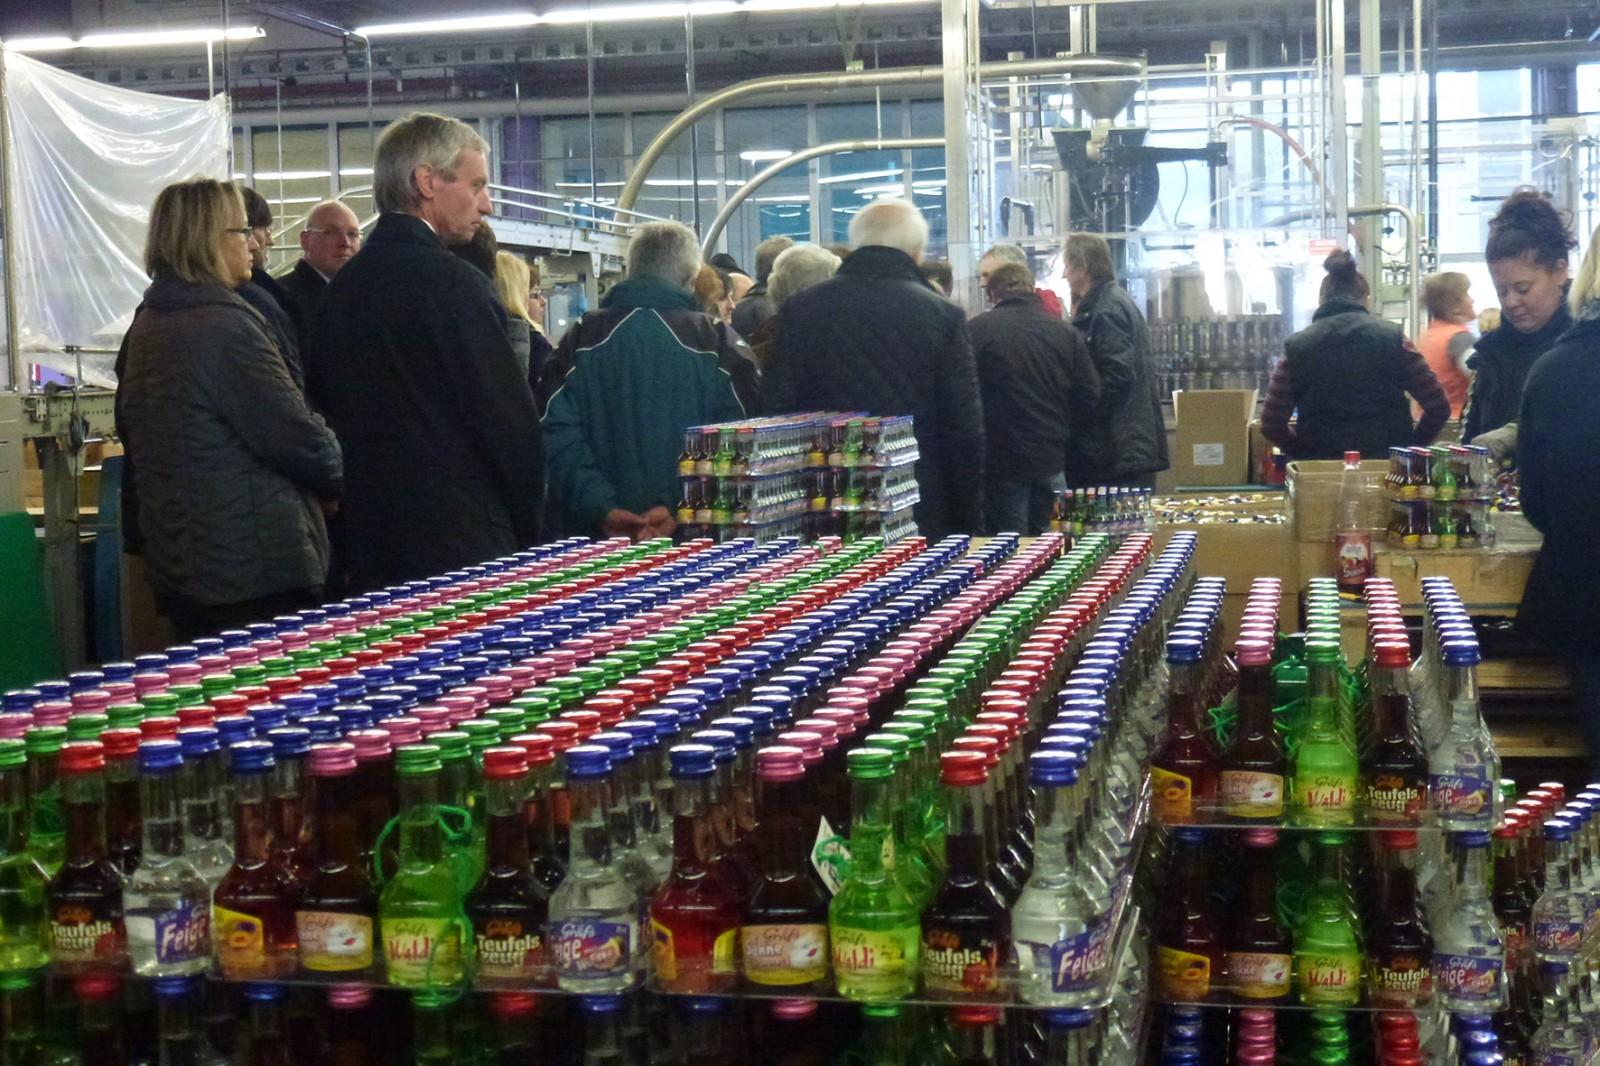 2013: Besichtigung der Destillerie Rauch